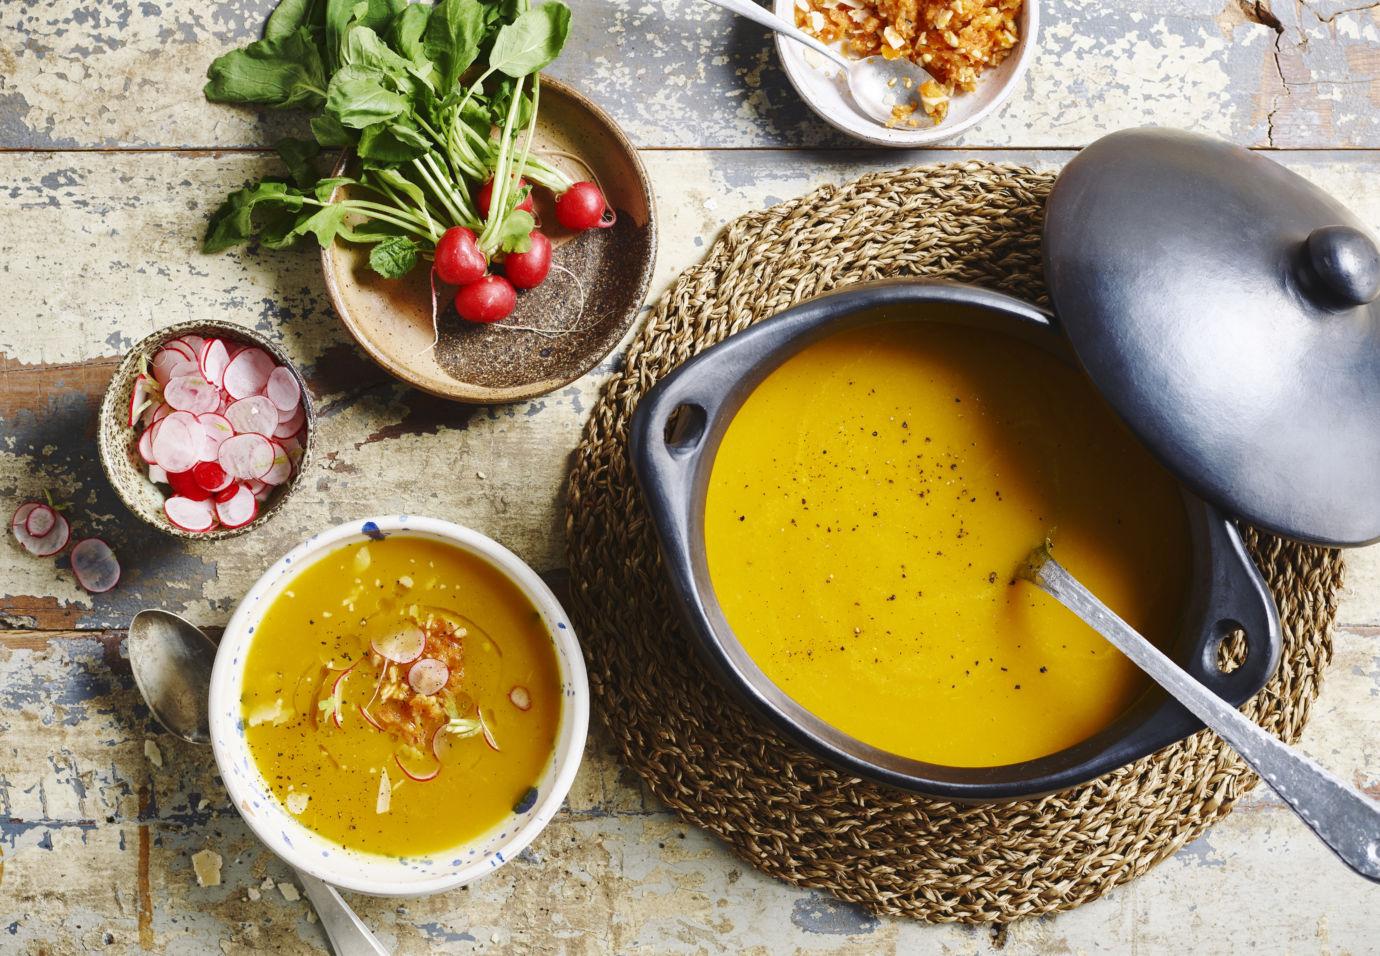 Soep geroosterde gele paprika en wortel, pesto van zon gedroogde tomaten door Sofie Dumont